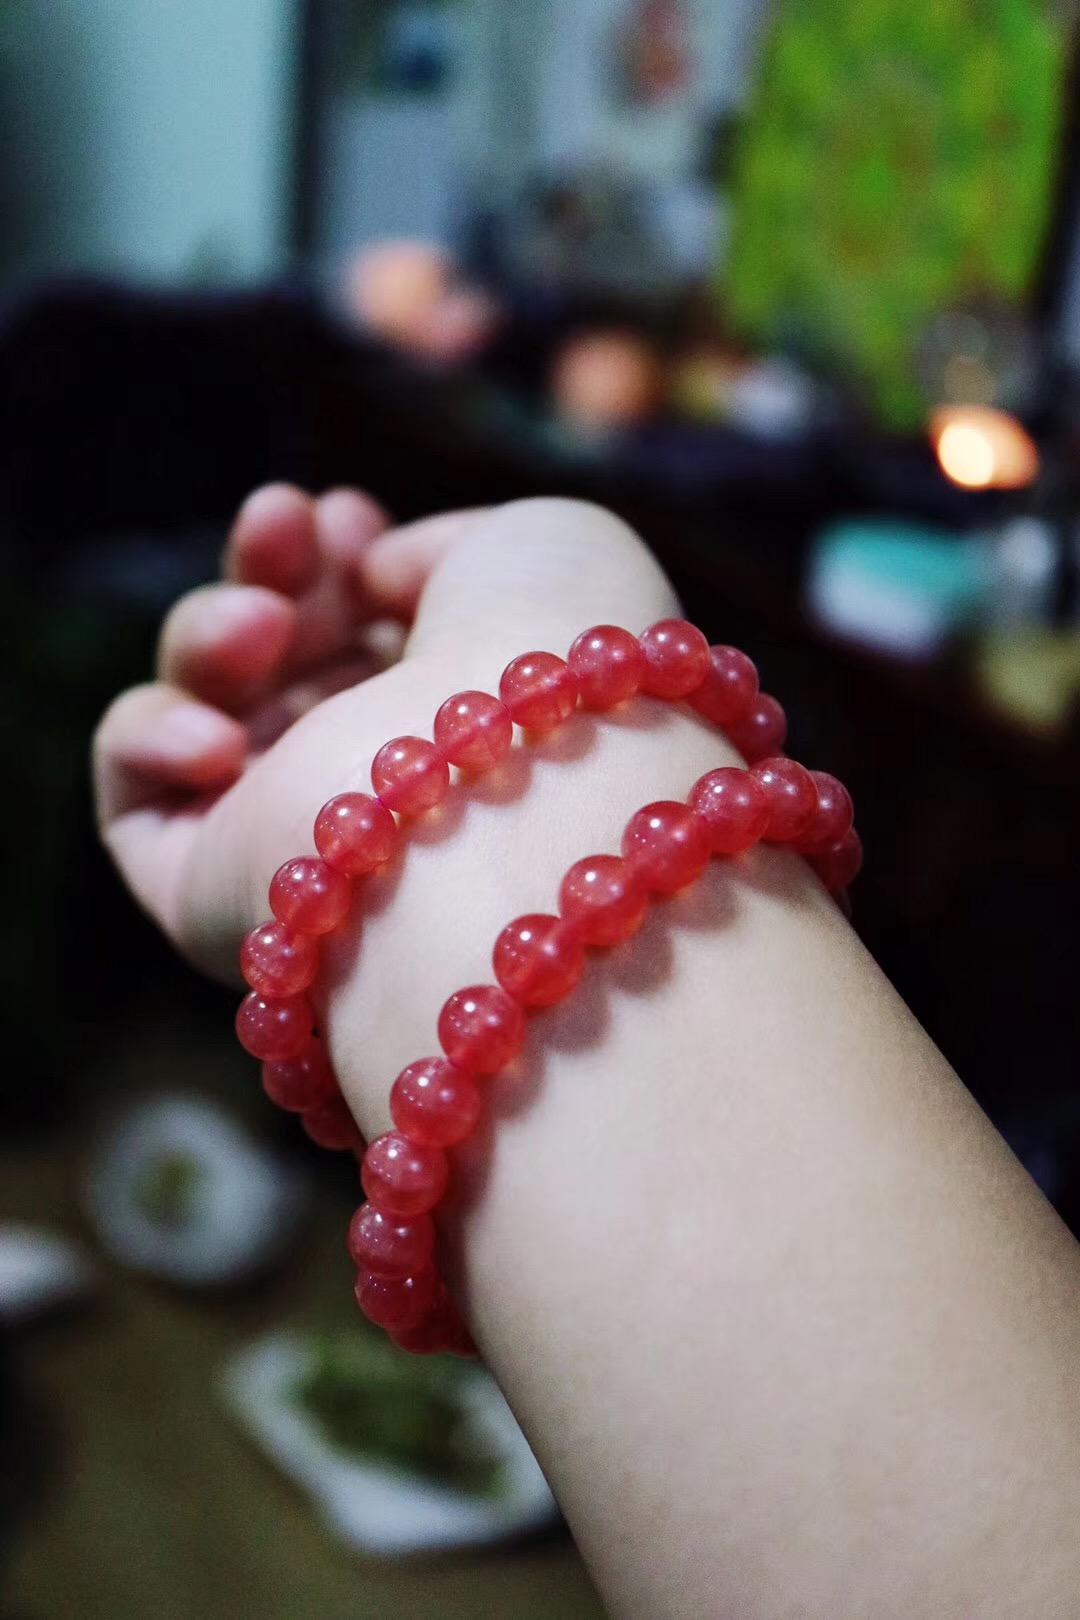 【菩心-红纹石】散发着浓浓的爱意。-菩心晶舍